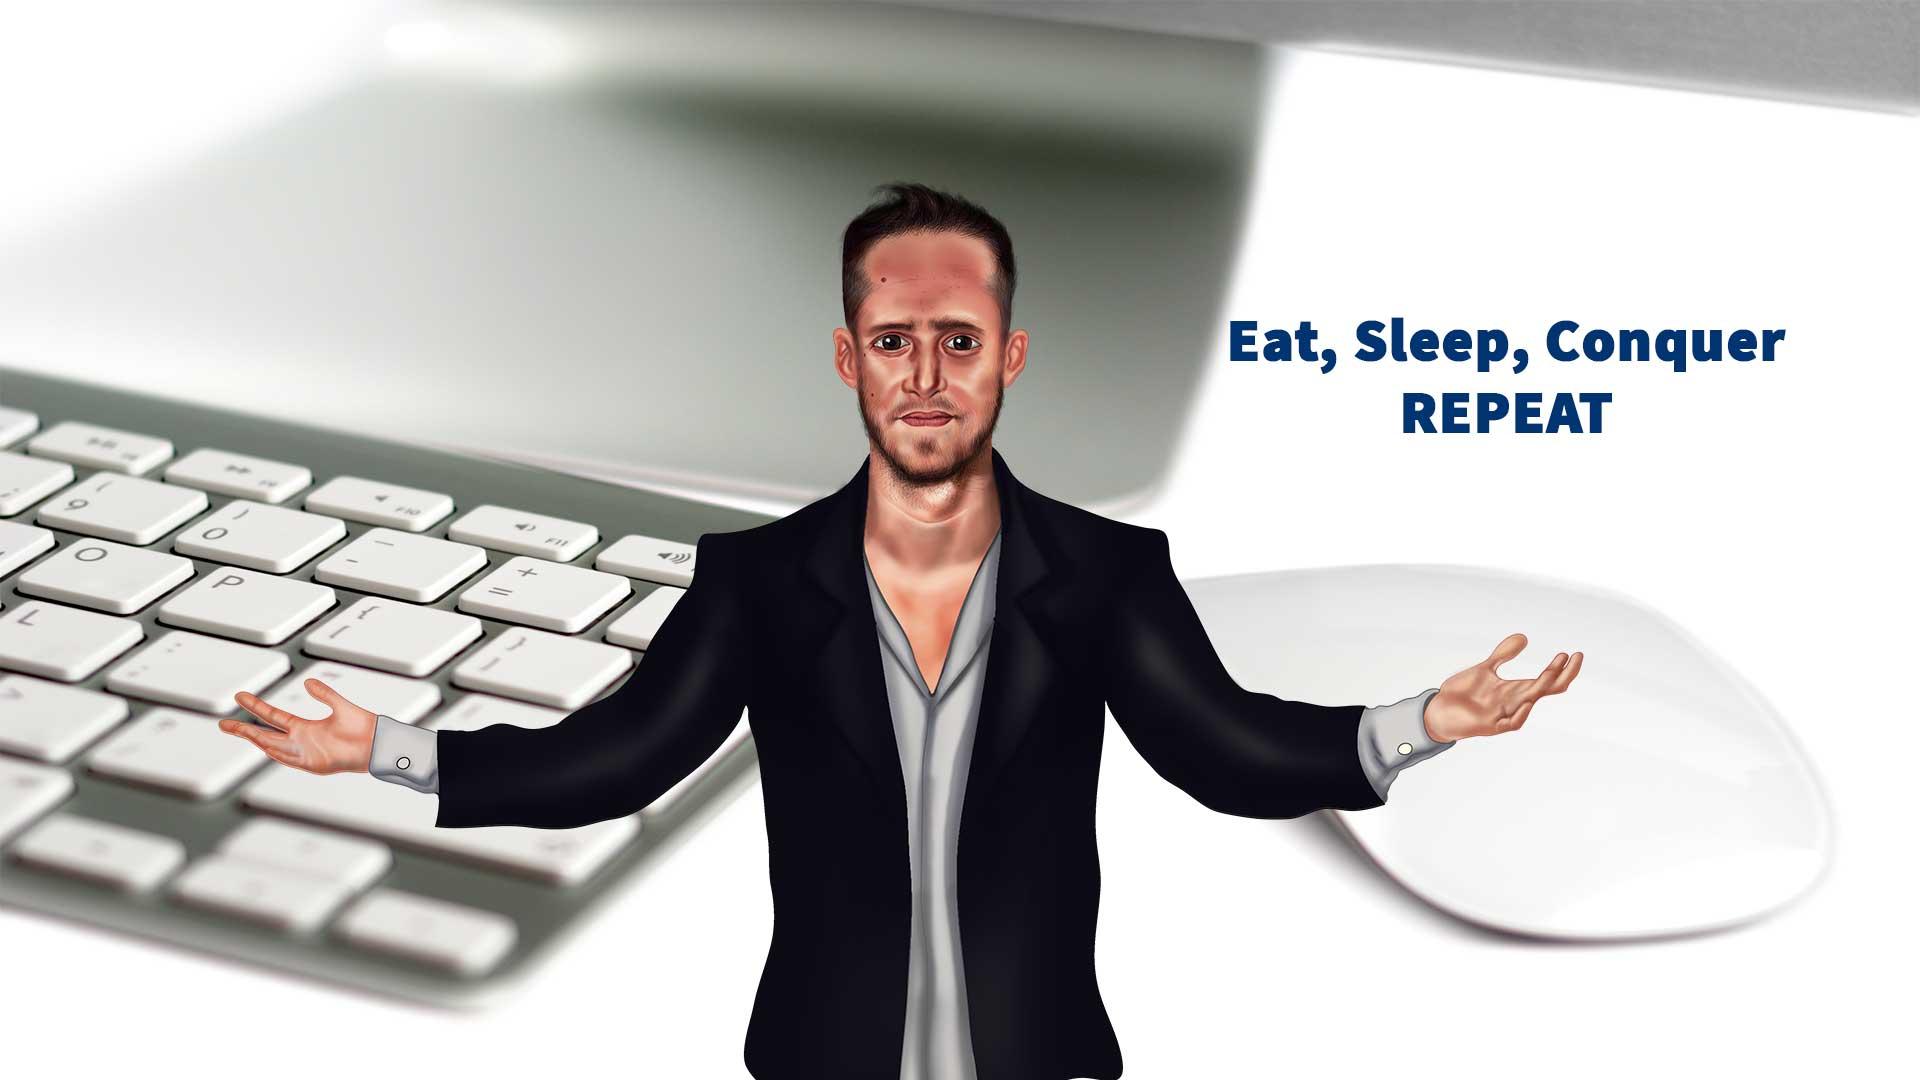 תמונה של יואל דורון עם כיתוב eat sleep conquer repeat